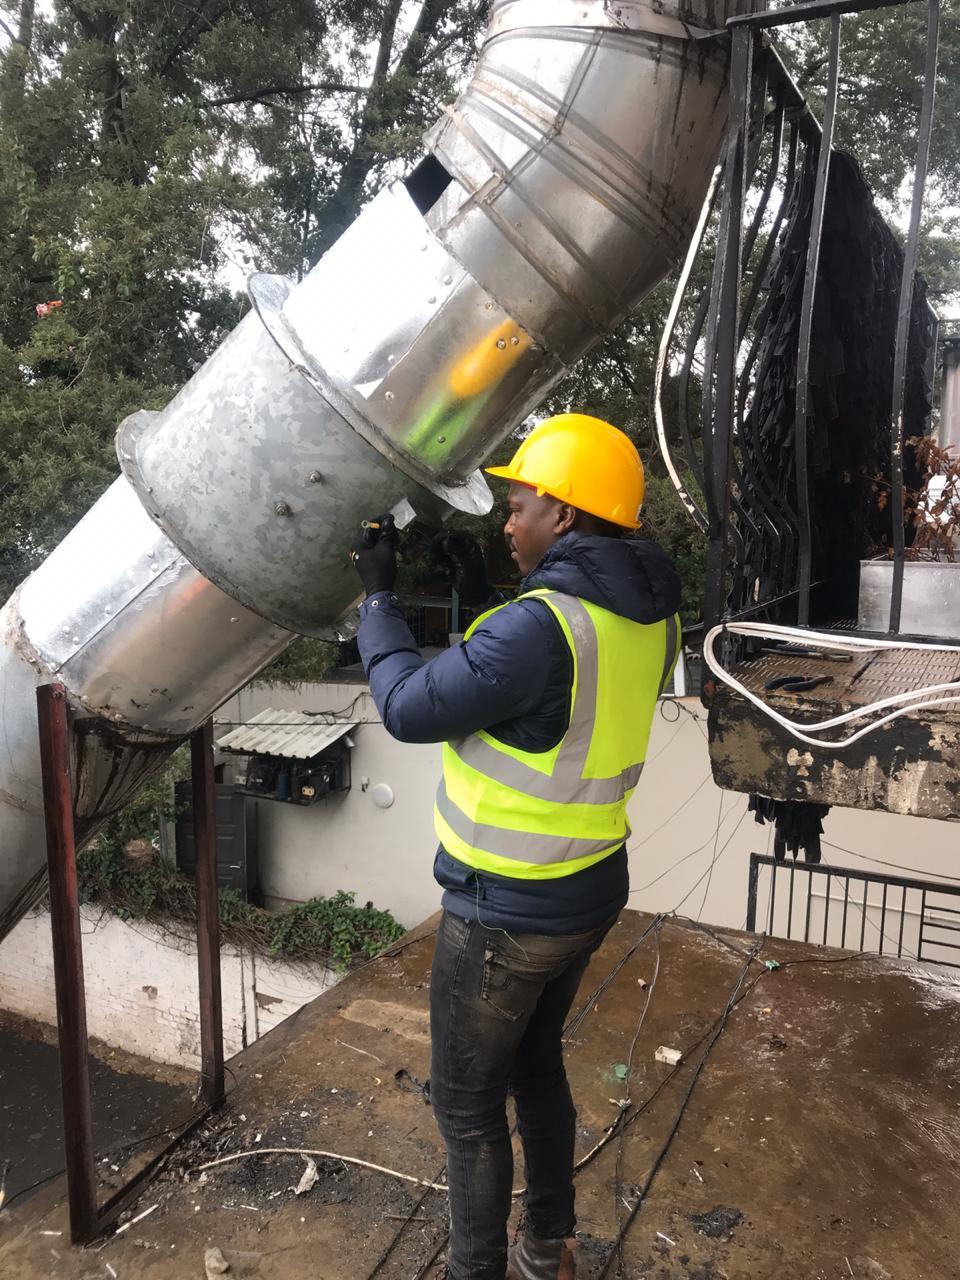 certified Extractor vent installers around johannesburg